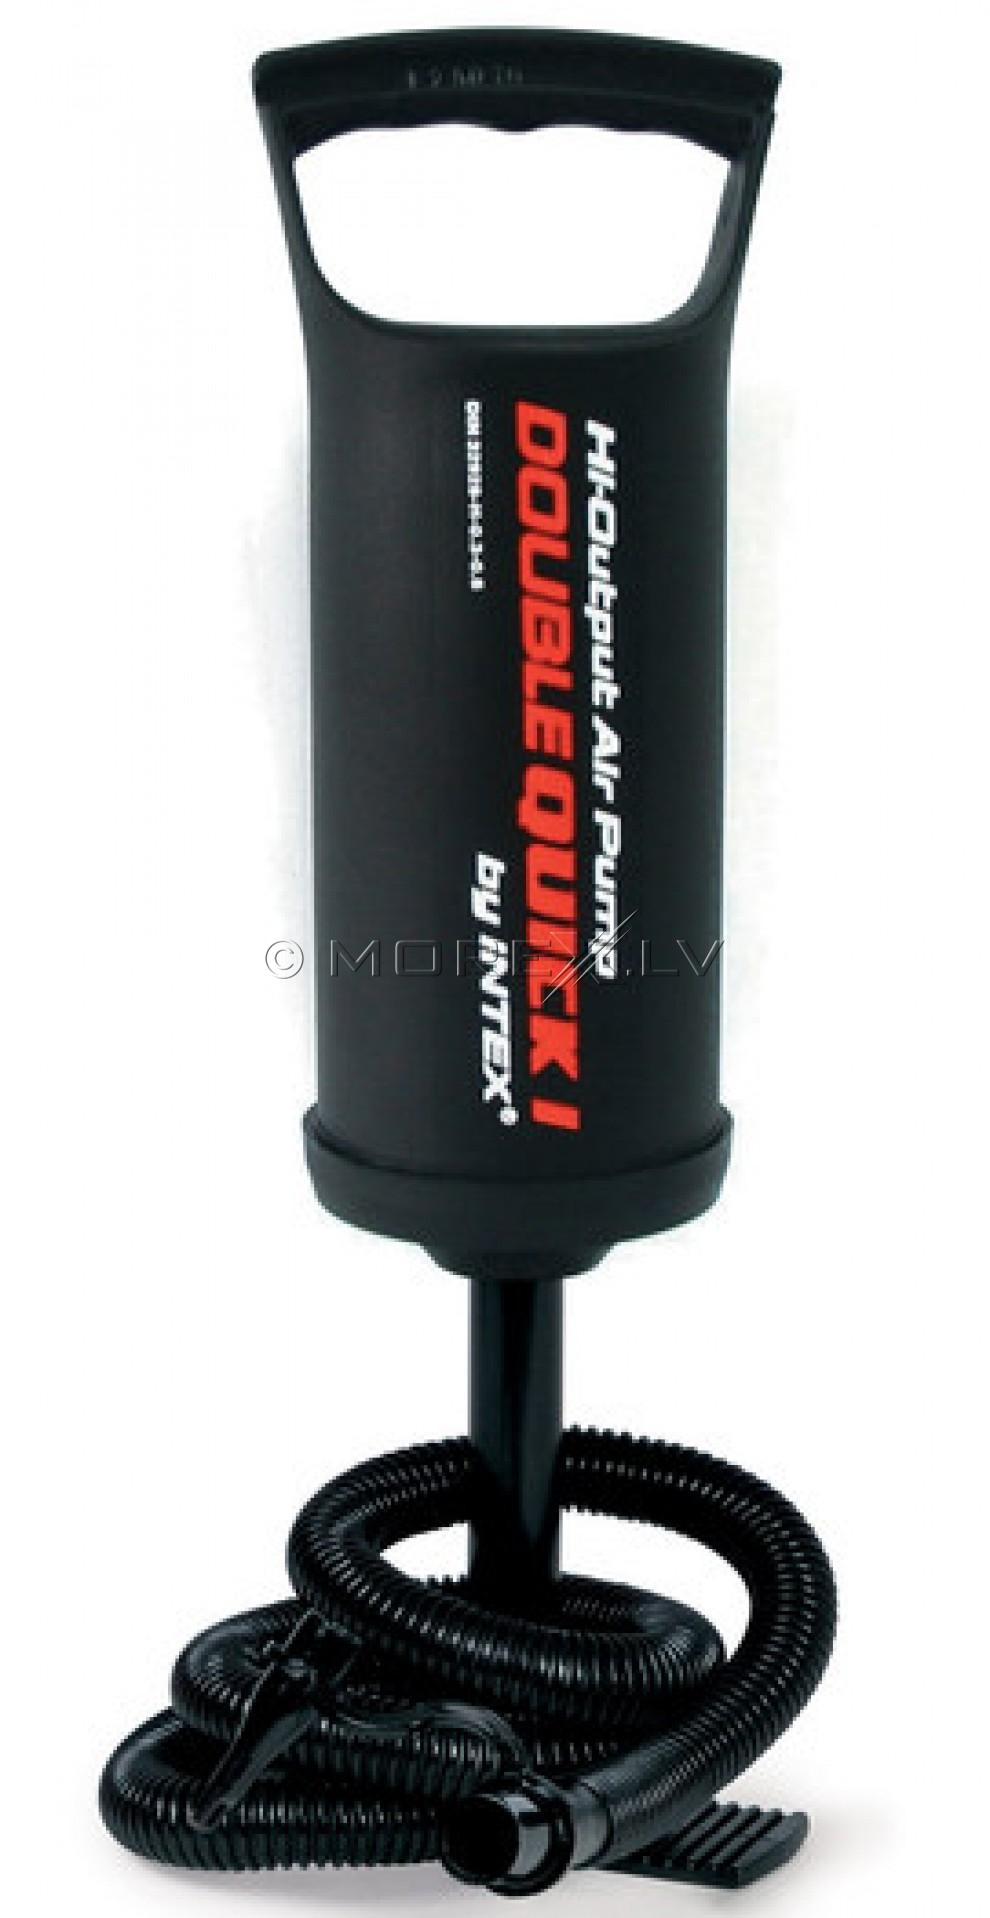 Hand air pump (30cm) - HIGH-OUTPUT